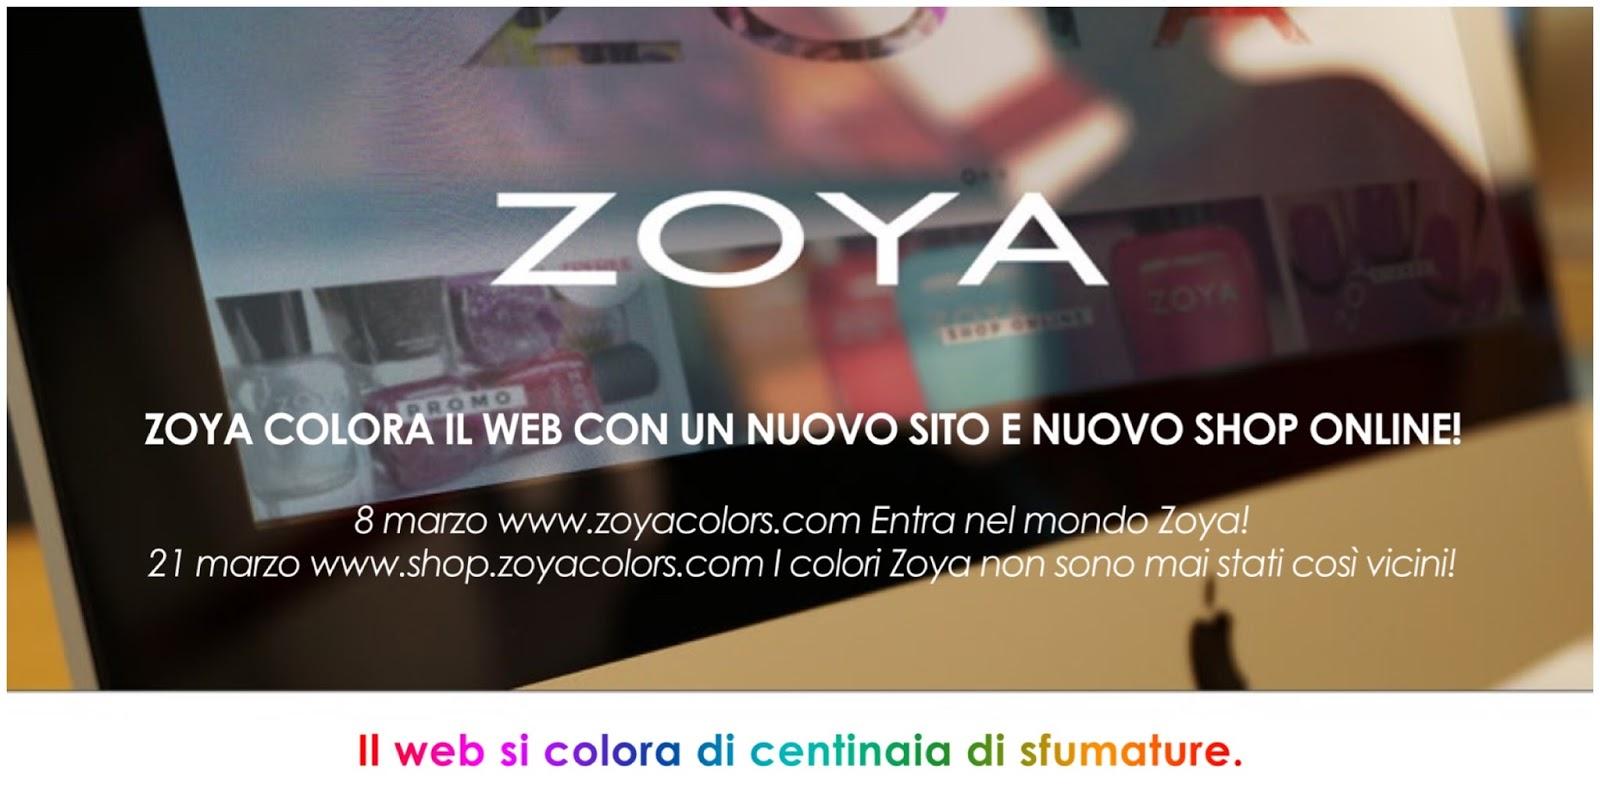 Zoya online shopping